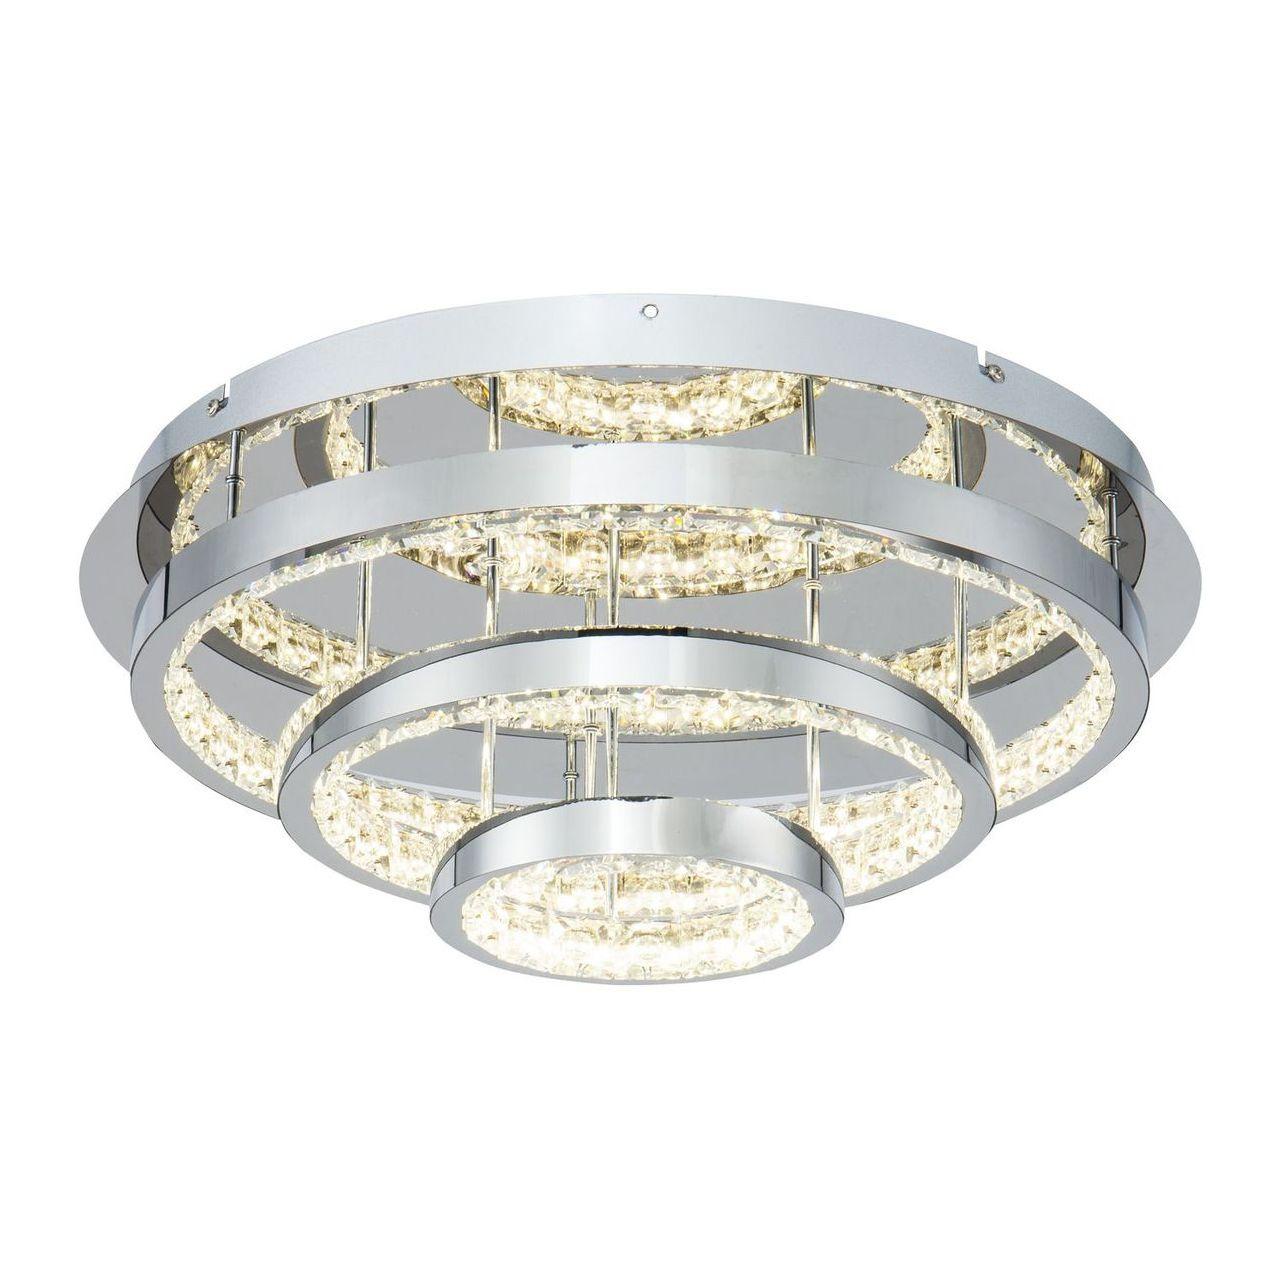 Потолочный светодиодный светильник Freya Dome FR6004CL-L35CH фото